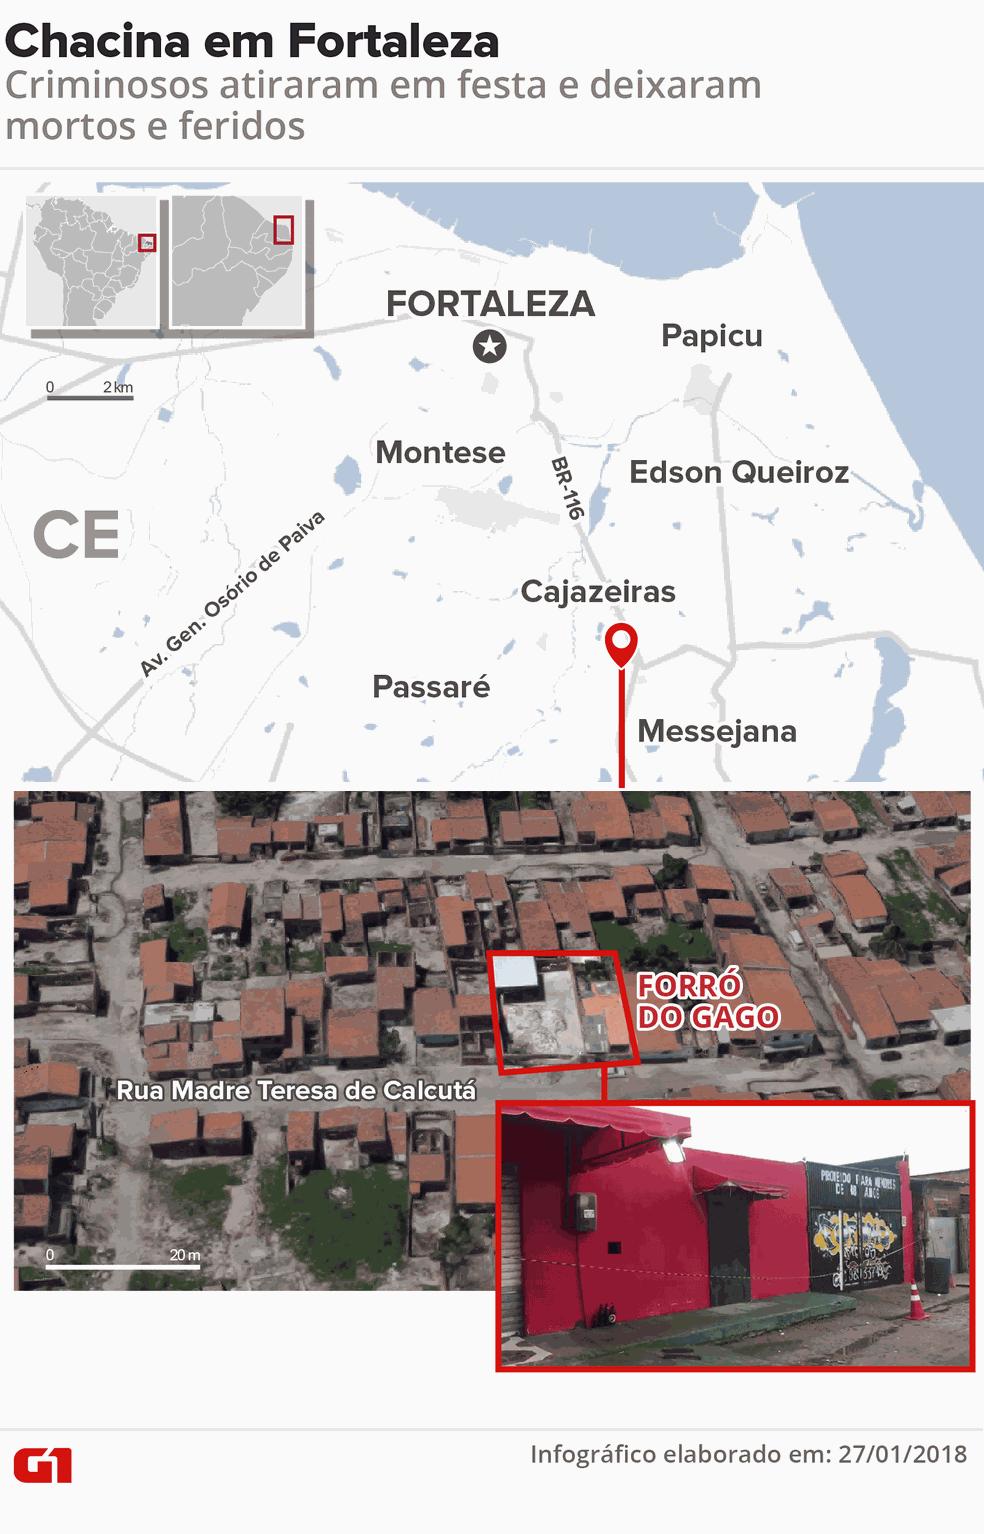 Grupo armado invade festa e deixa mortos e feridos em Fortaleza. (Foto: Infográfico: Karina Almeida/G1)